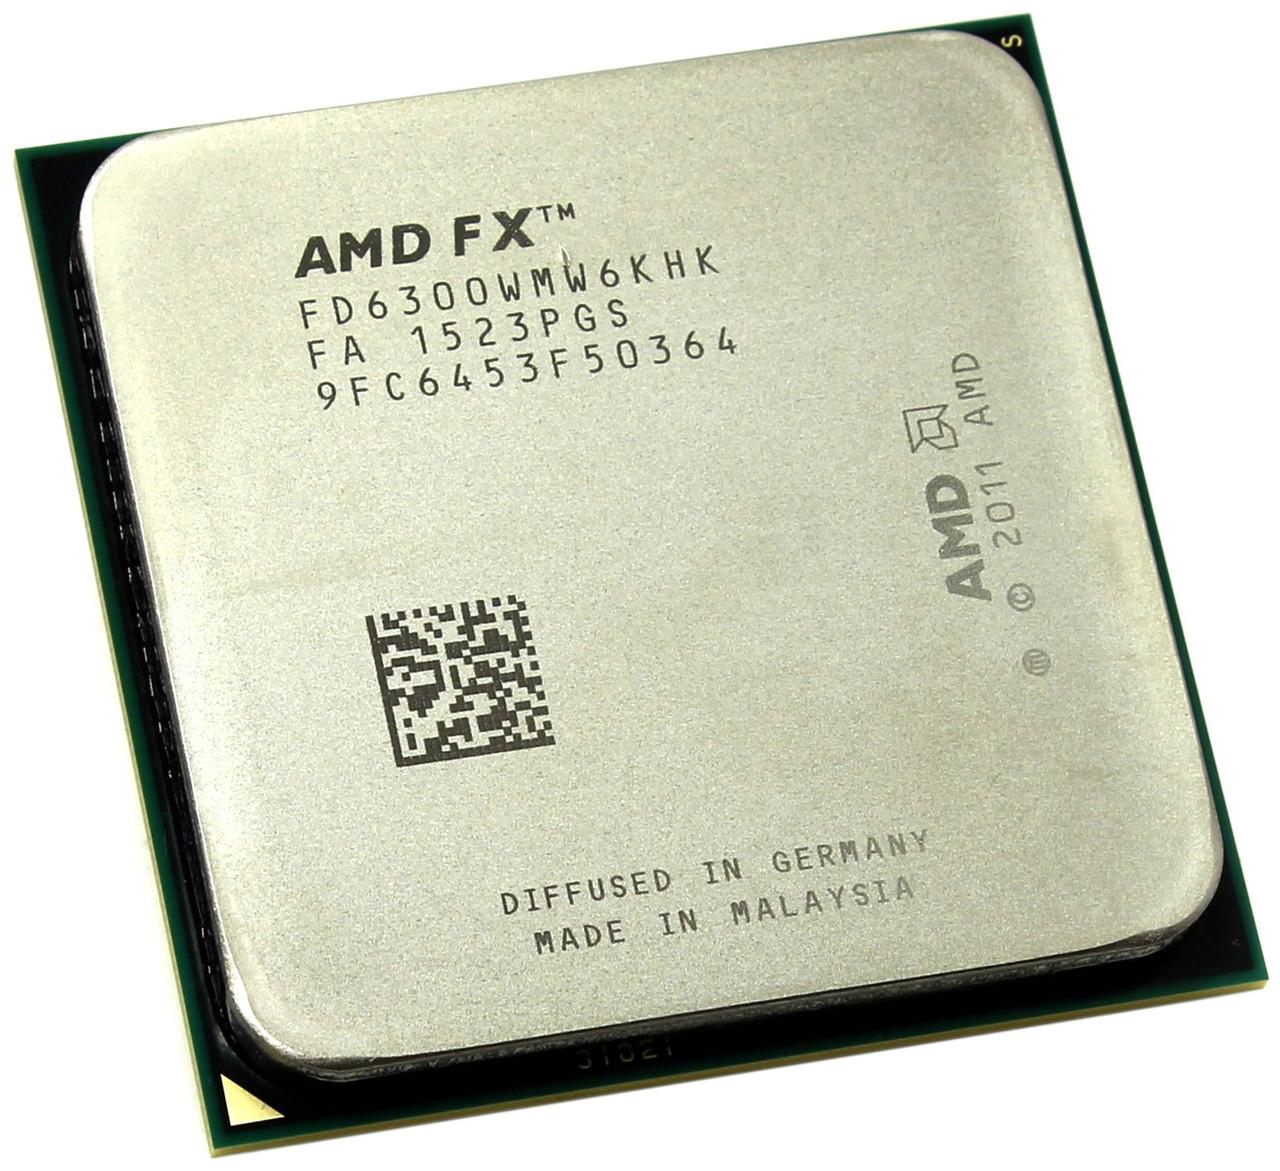 МОЩНЫЙ ИГРОВОЙ Процессор на 6 ЯДЕР ! sAM3+ AMD FX-6300 - 6 ЯДЕР по 3.5-4,1Ghz каждое ( FD6300WMW6KHK ) сГАРАНТ